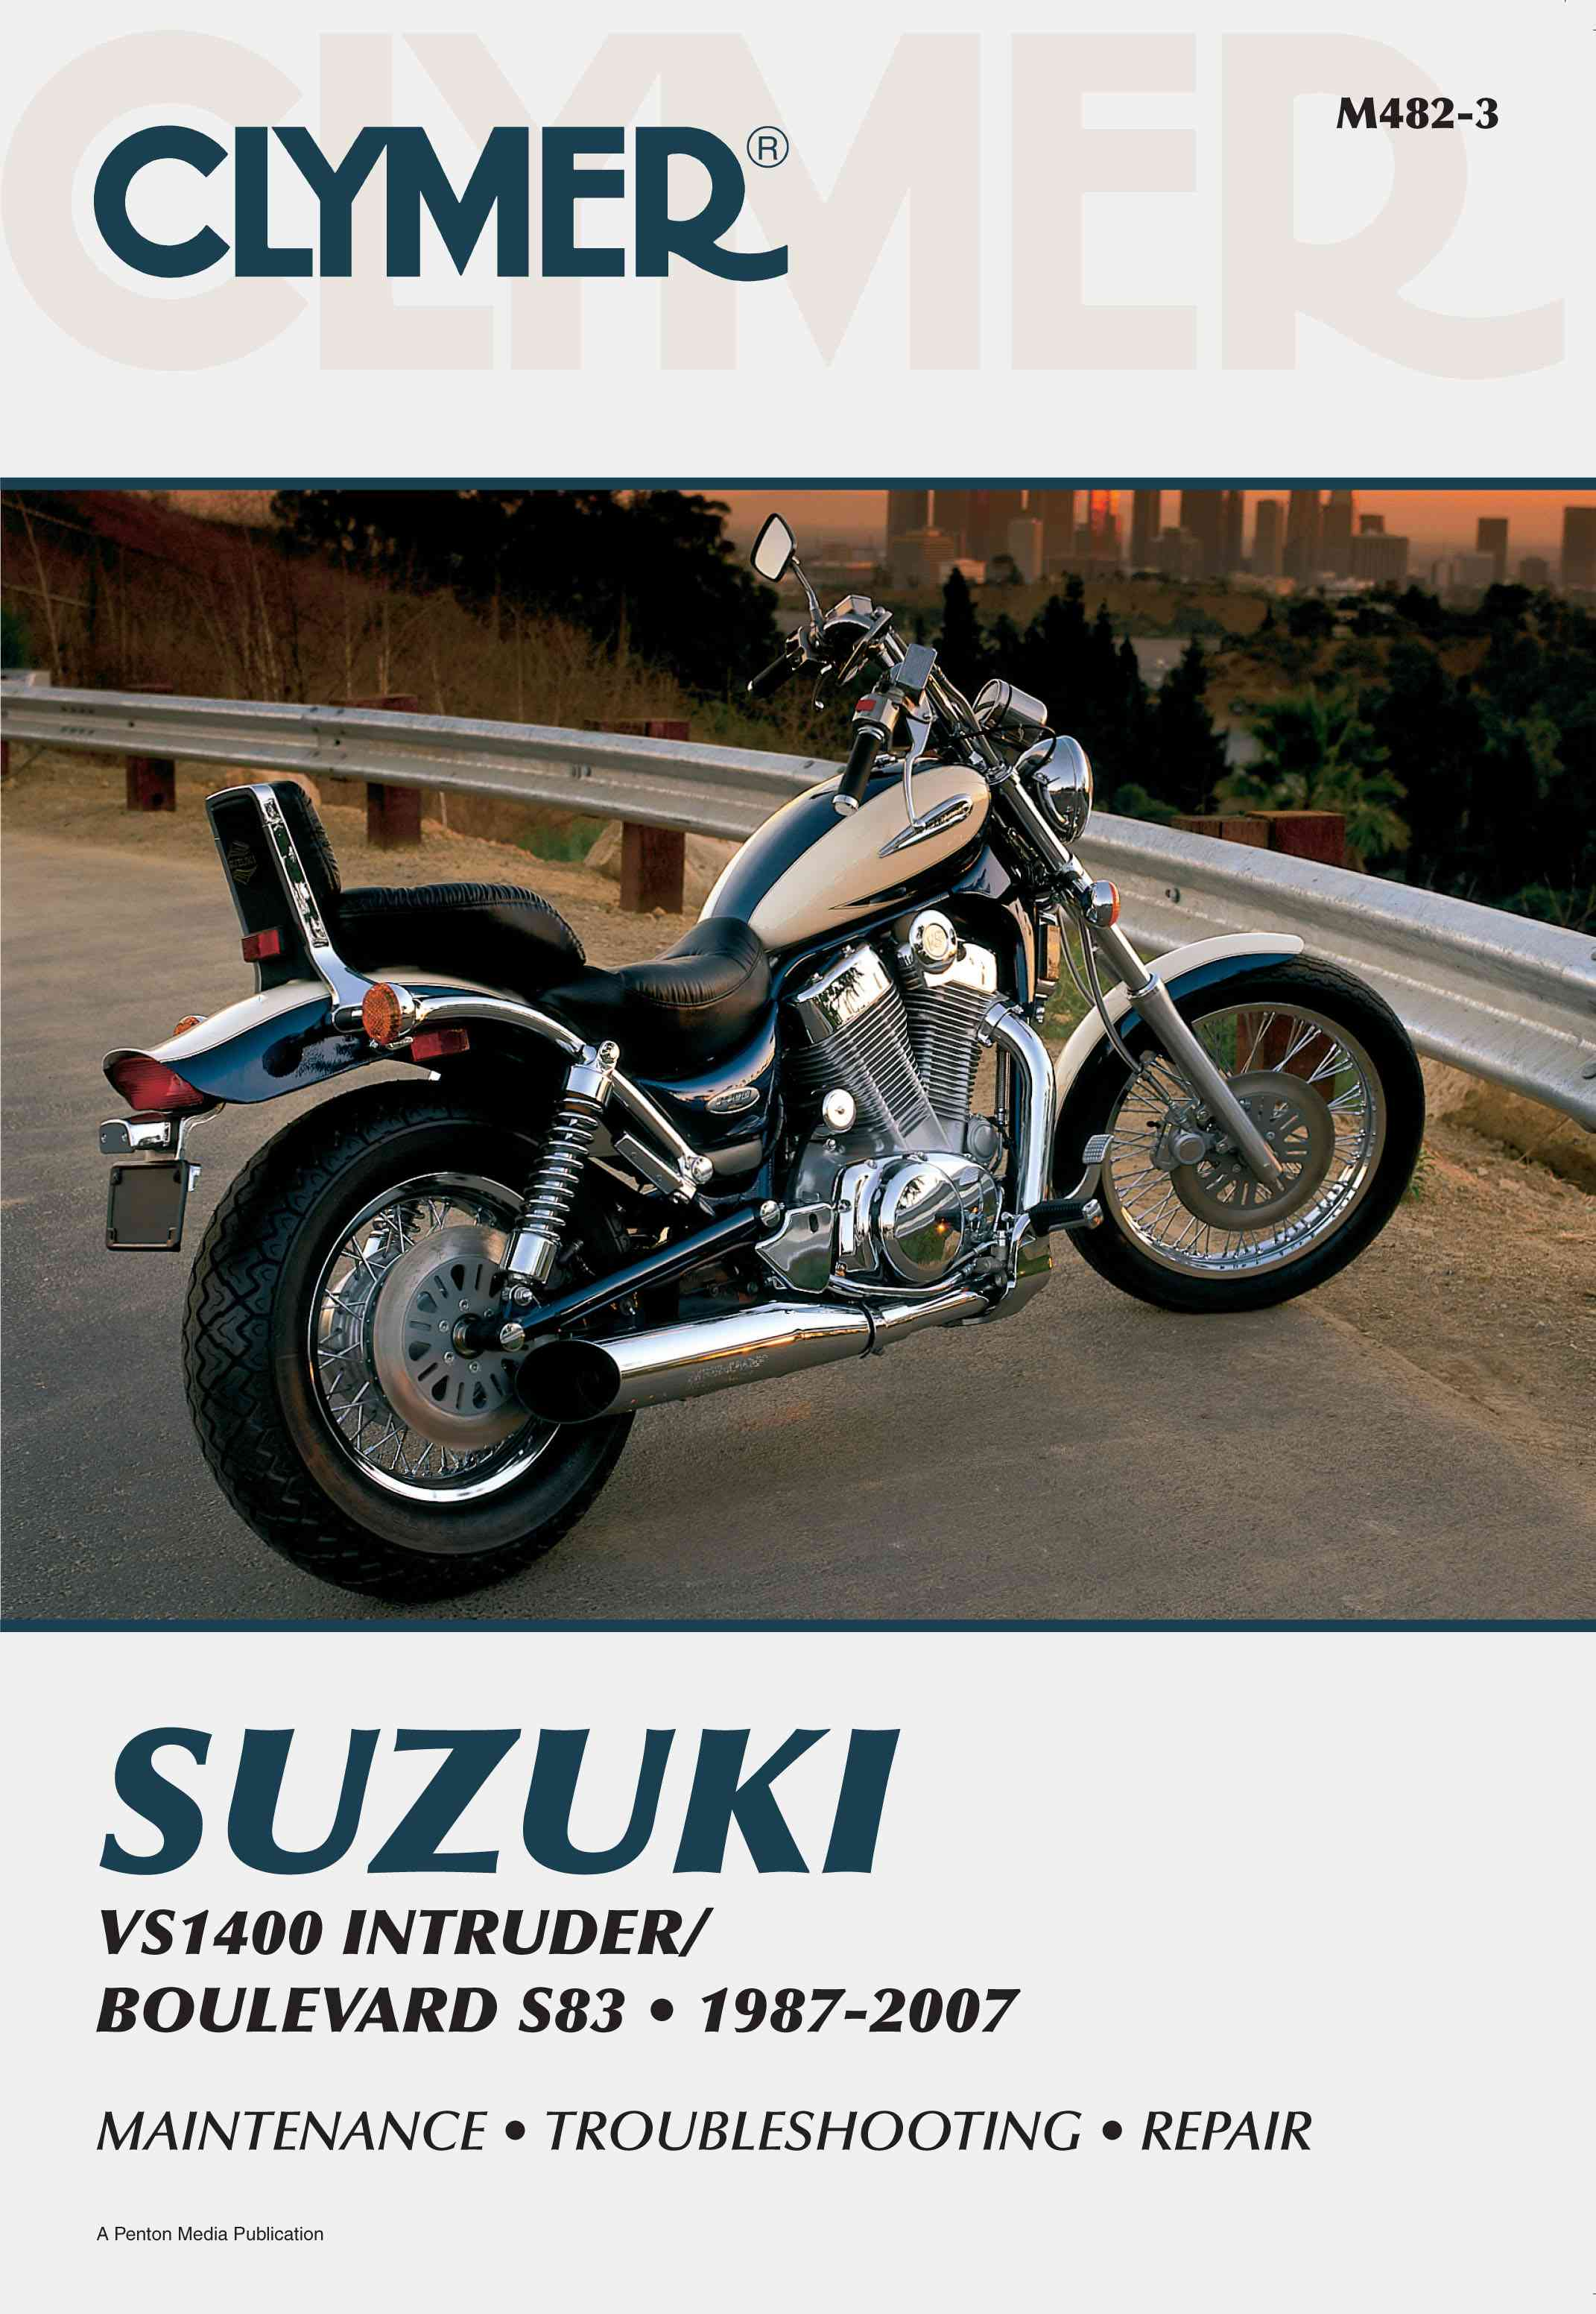 Clymer Suzuki By Clymer Pubns (COR)